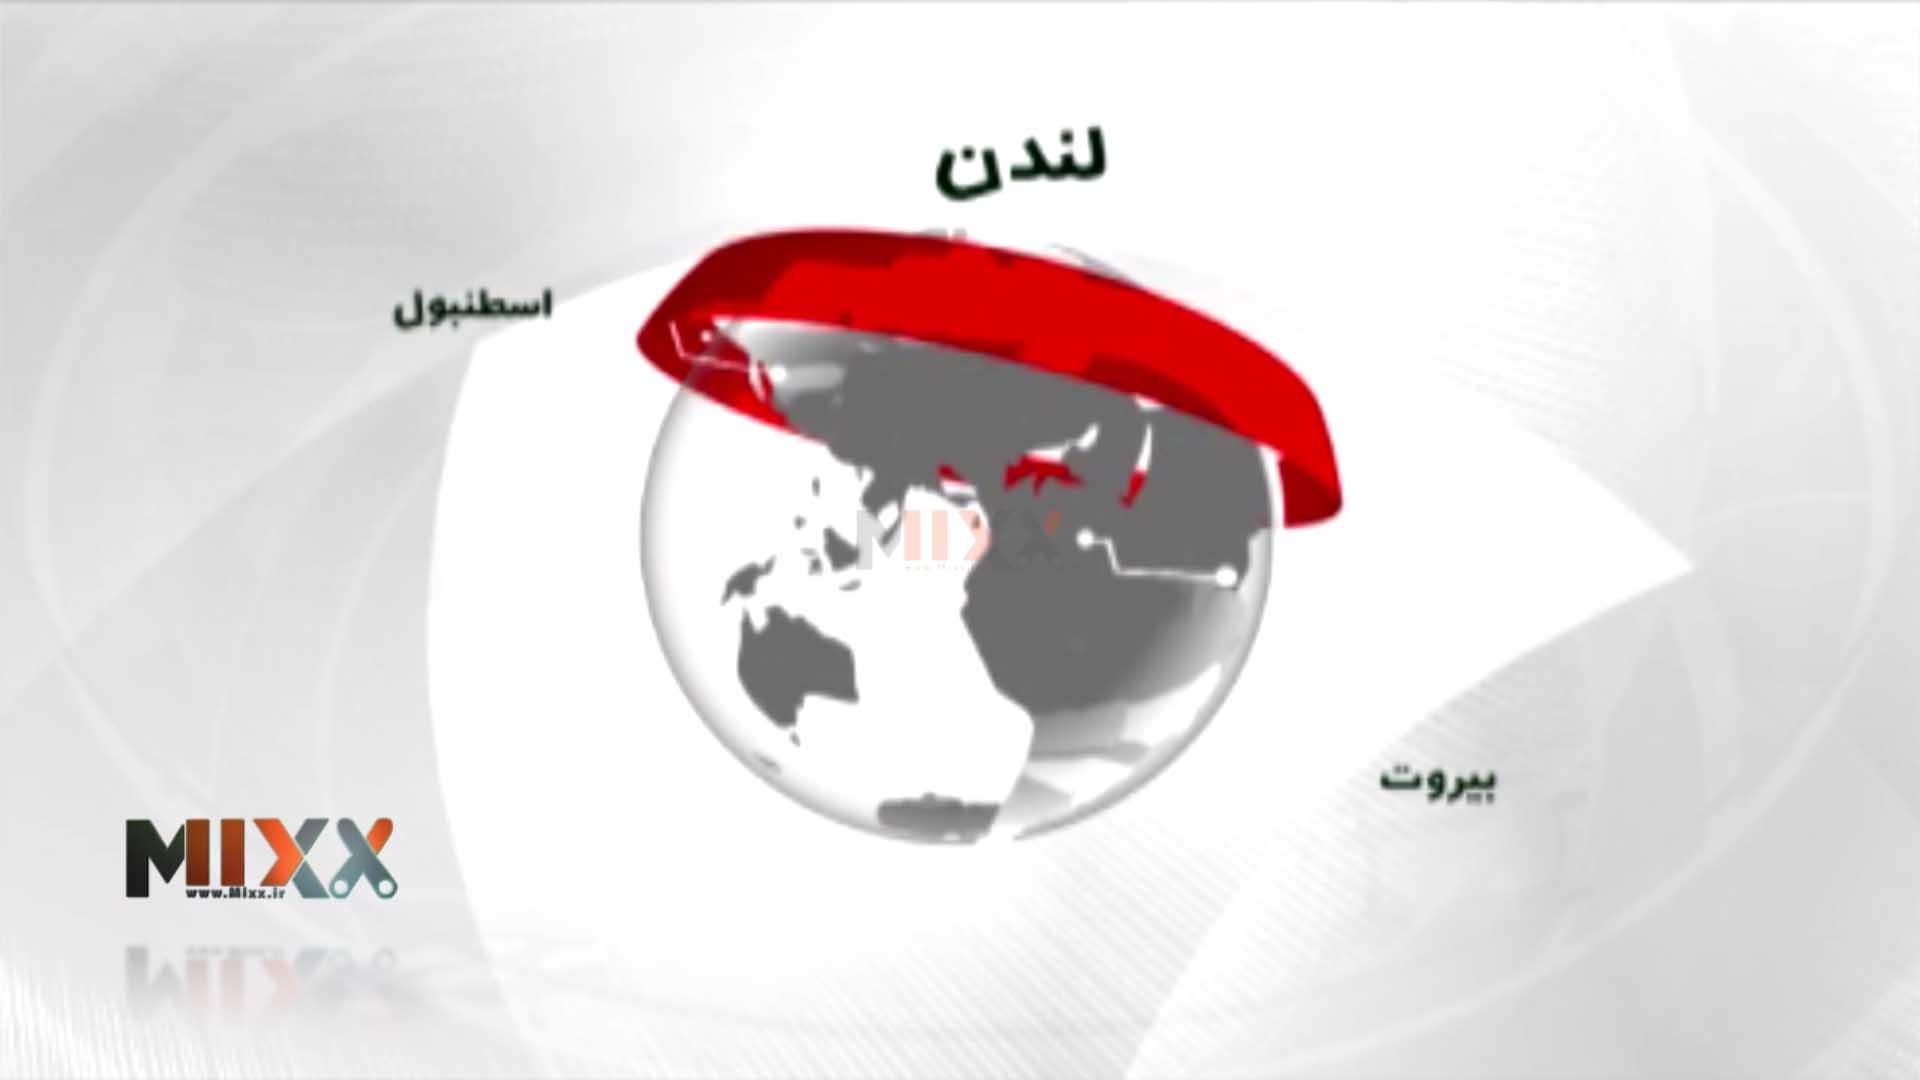 ساخت استادیو مجازی برای برنامه قناه المیادین